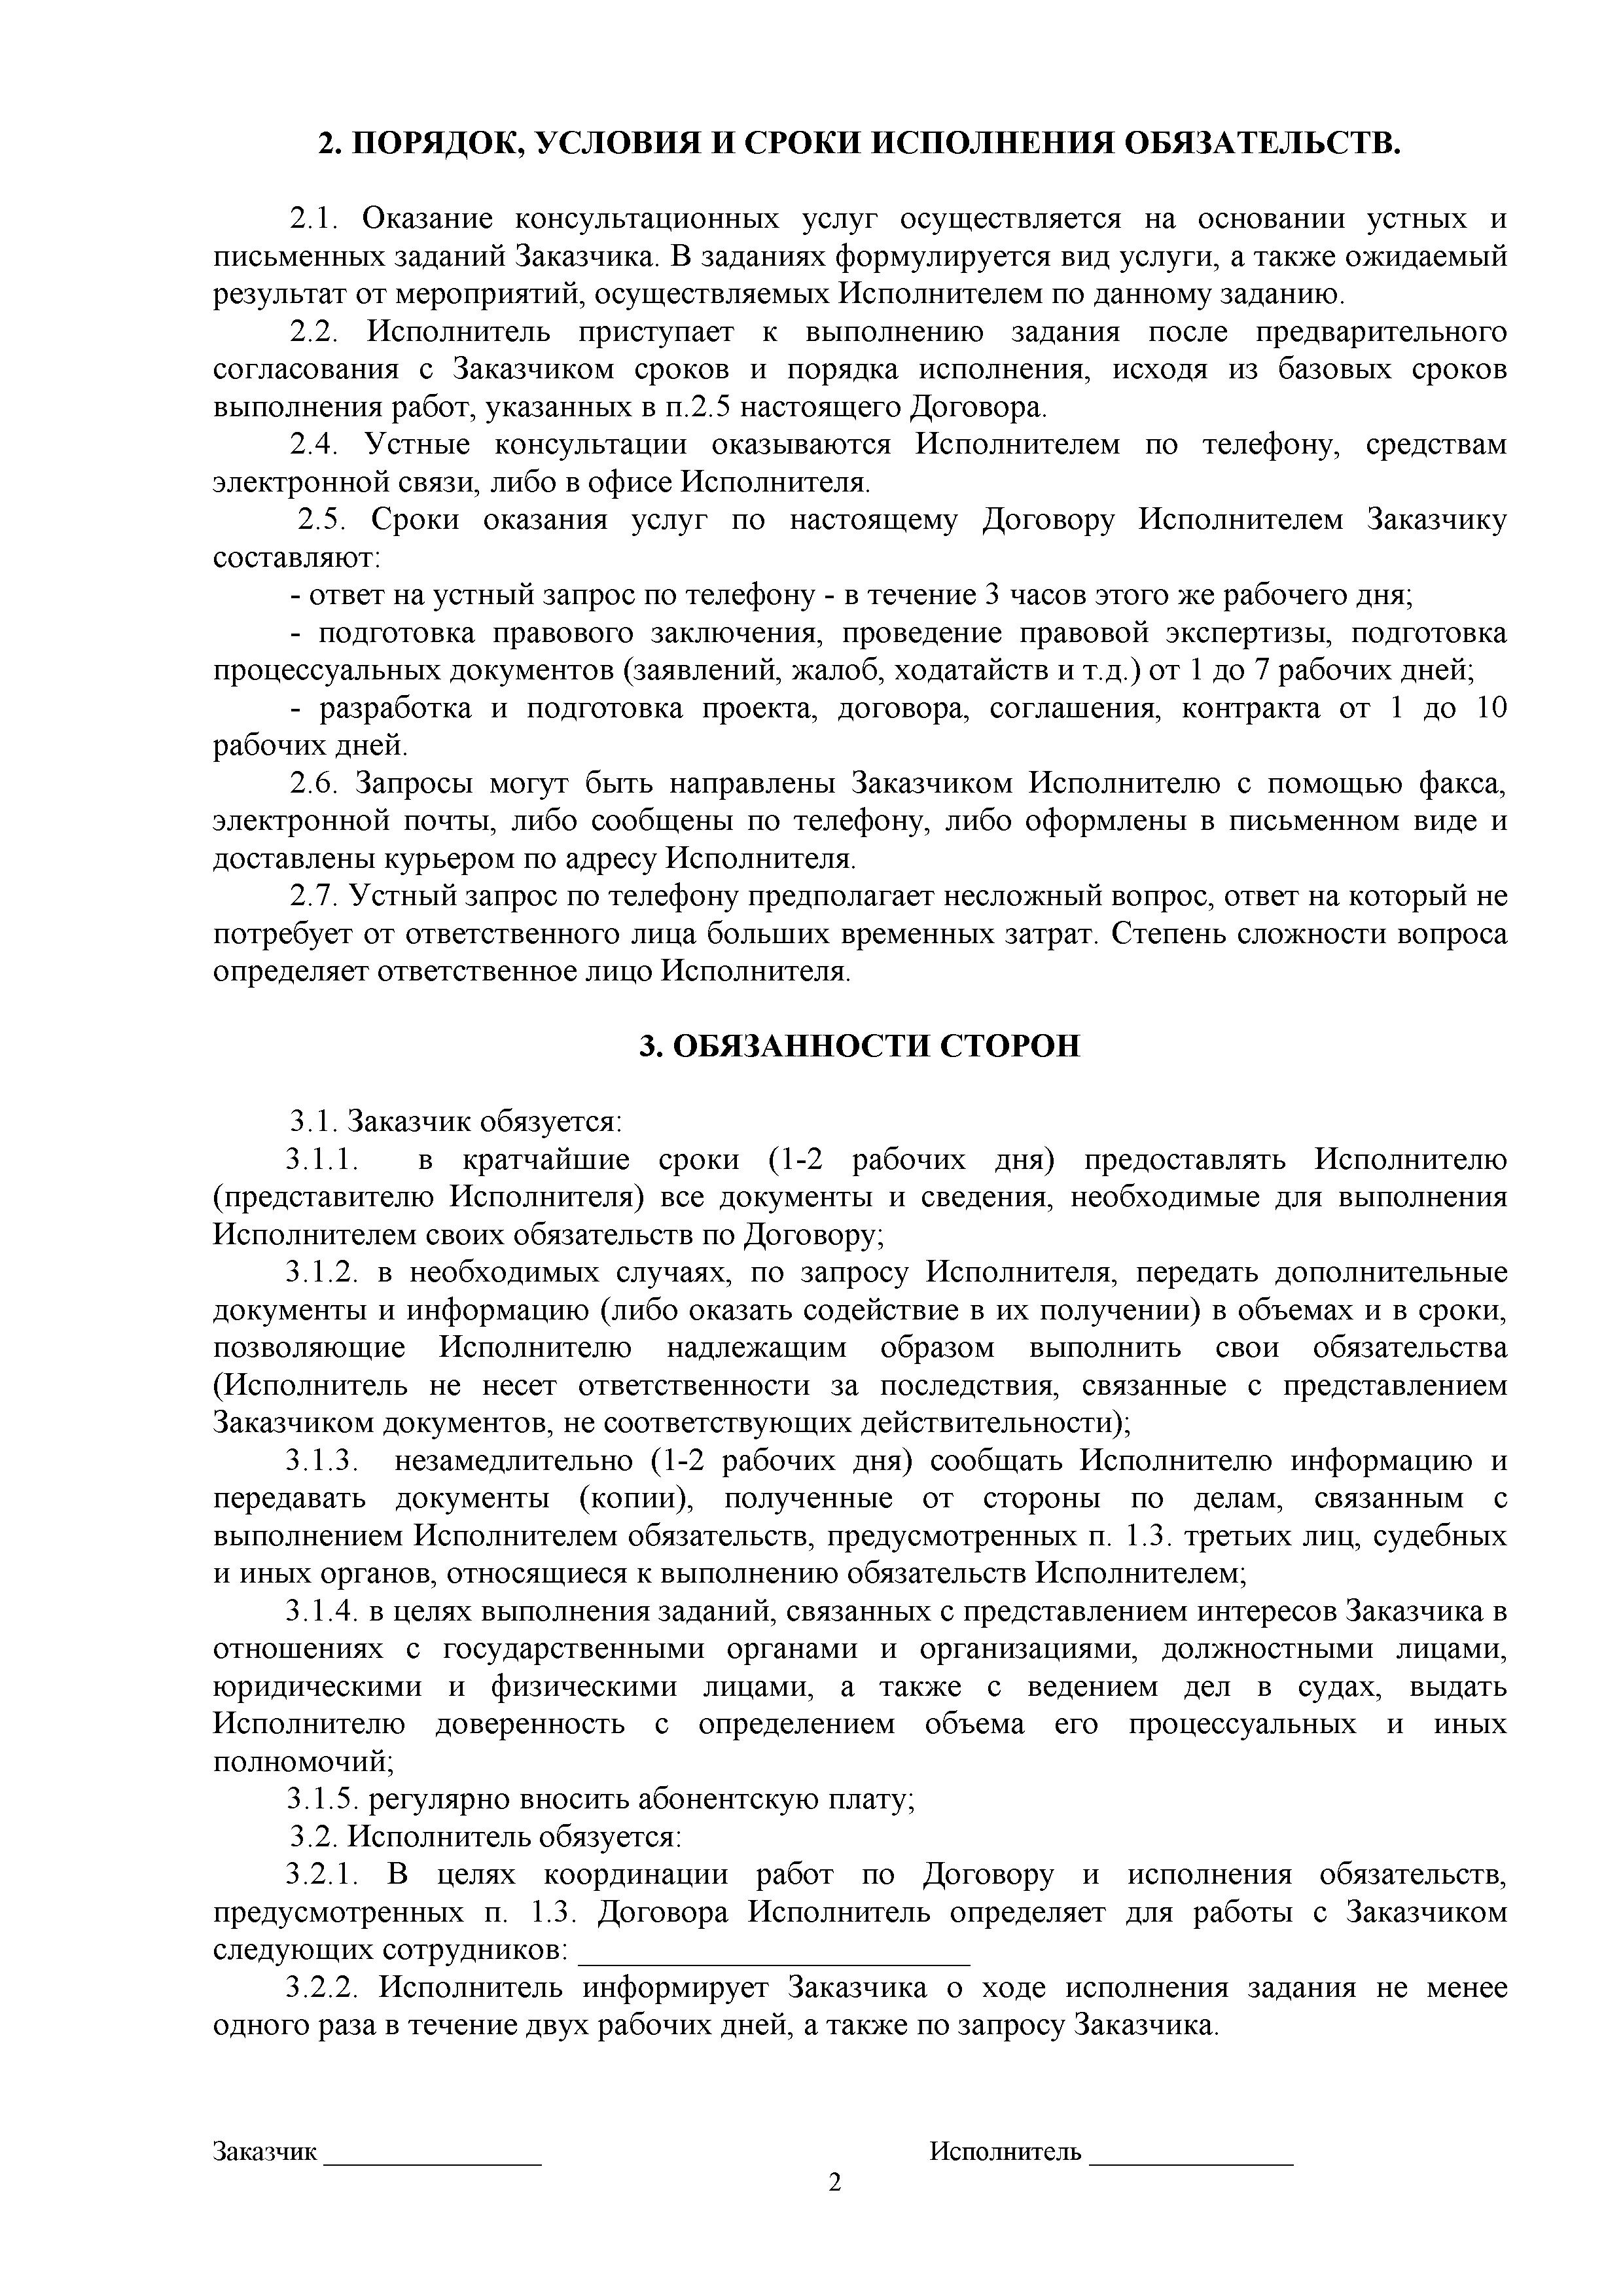 Образец договора на абонентское юридическое обслуживание, стр 2